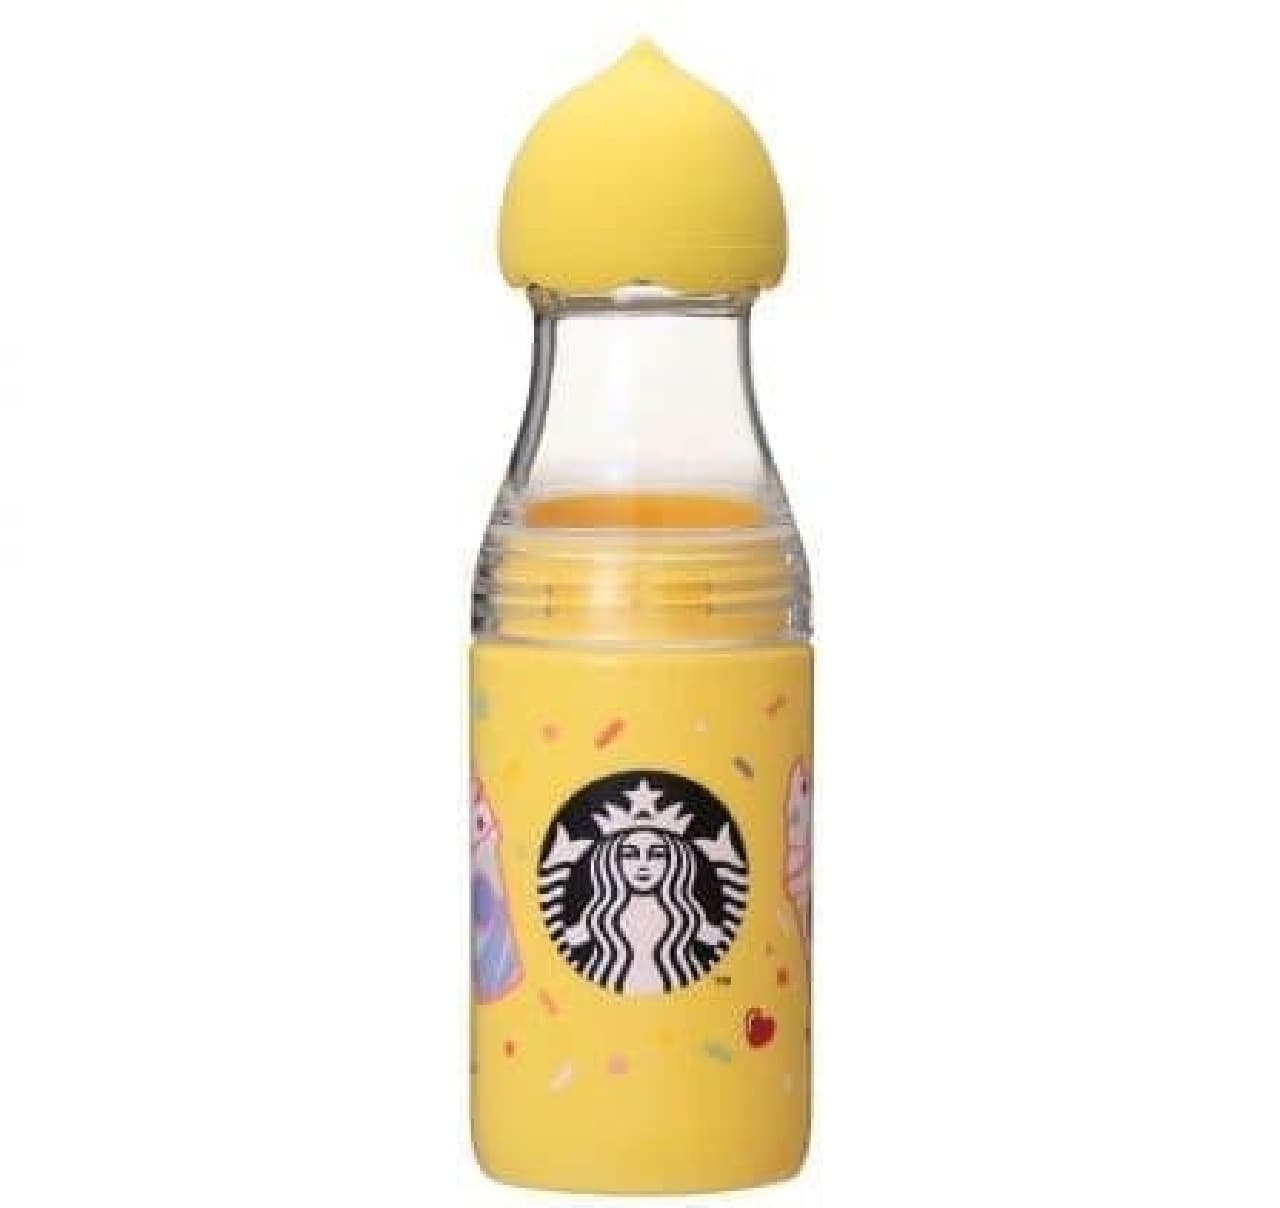 スターバックス「レモンキャップ&リッドサニーボトルイエロー500mll」